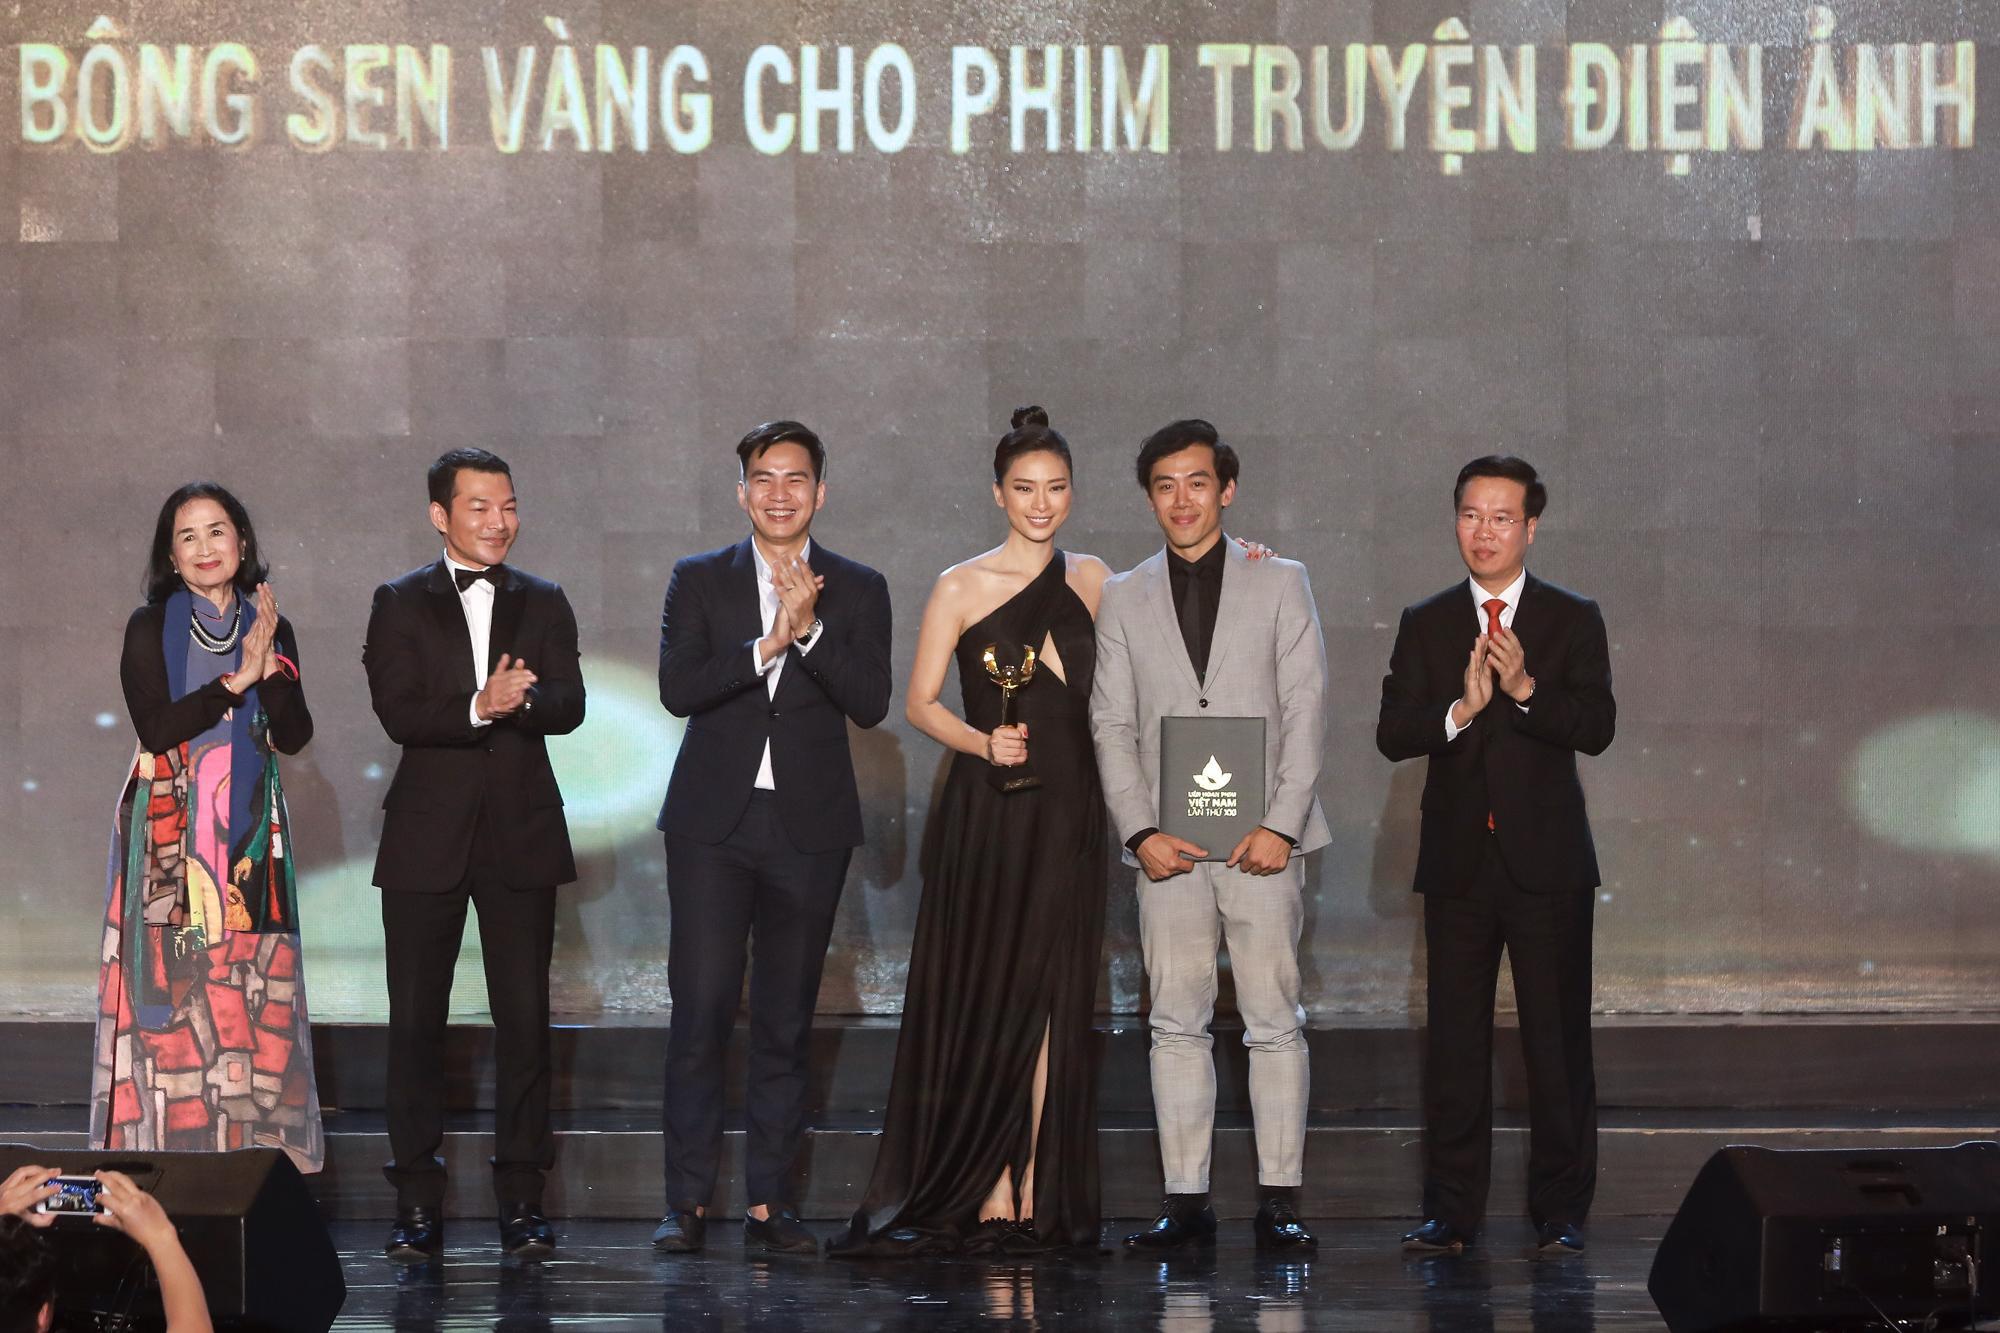 Liên hoan phim Việt Nam lần thứ XXI: Tốt cả về chất lượng giải thưởng, phim tham gia và cách tổ chức - Ảnh 1.